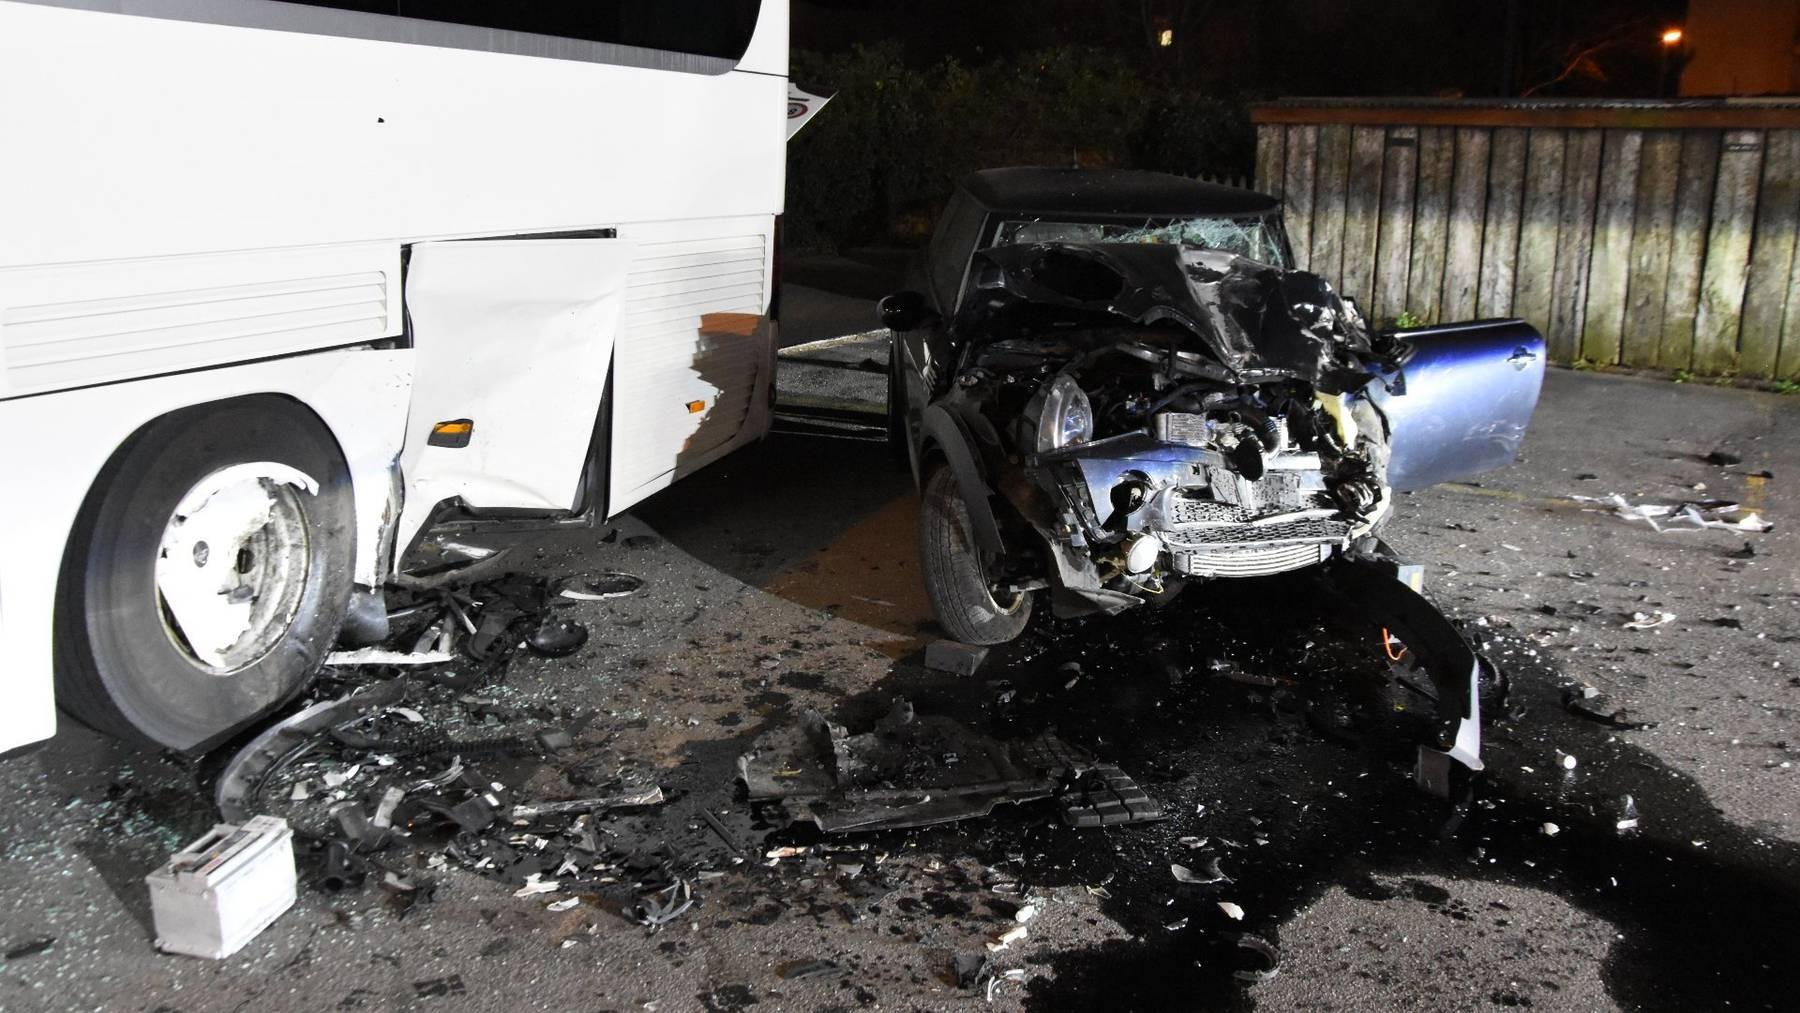 Die Frau und ihre Mitfahrerin wurden unbestimmt verletzt.